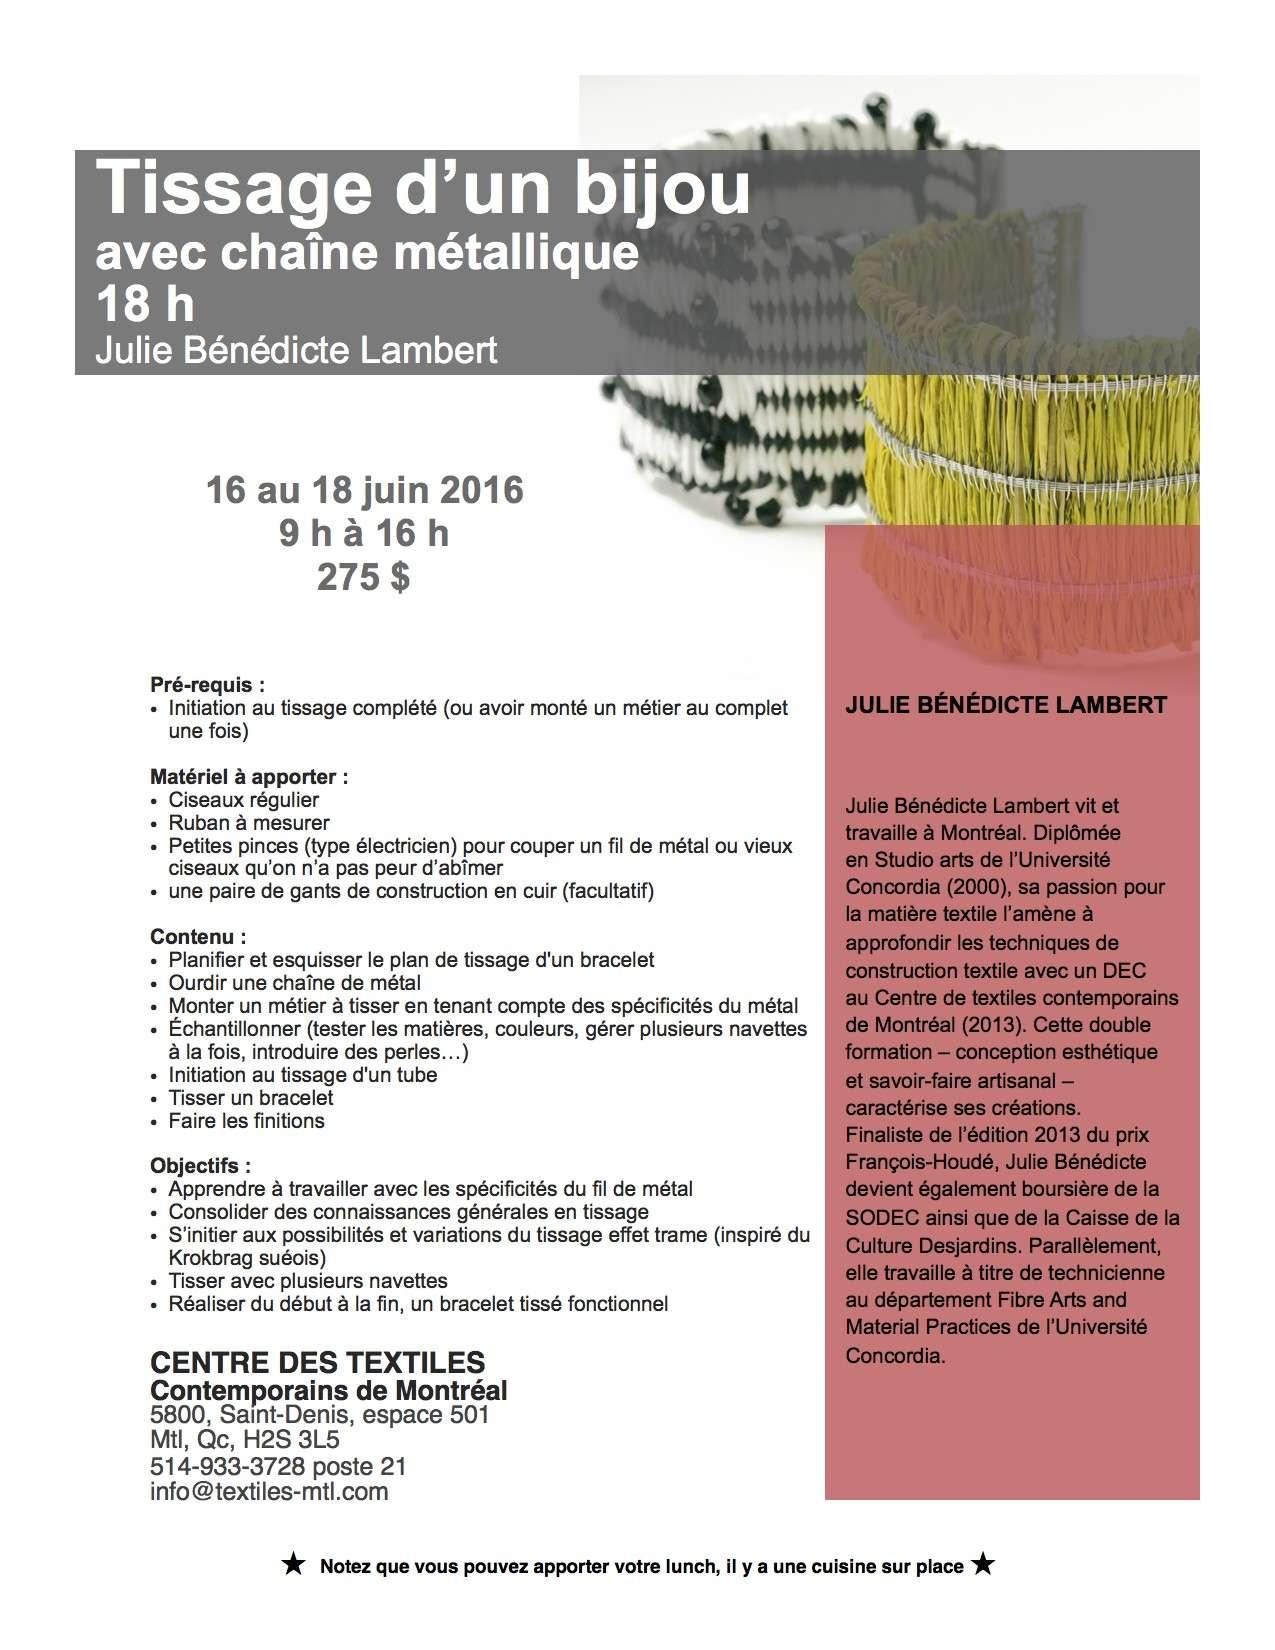 Cours de chaîne métallique au CTCM